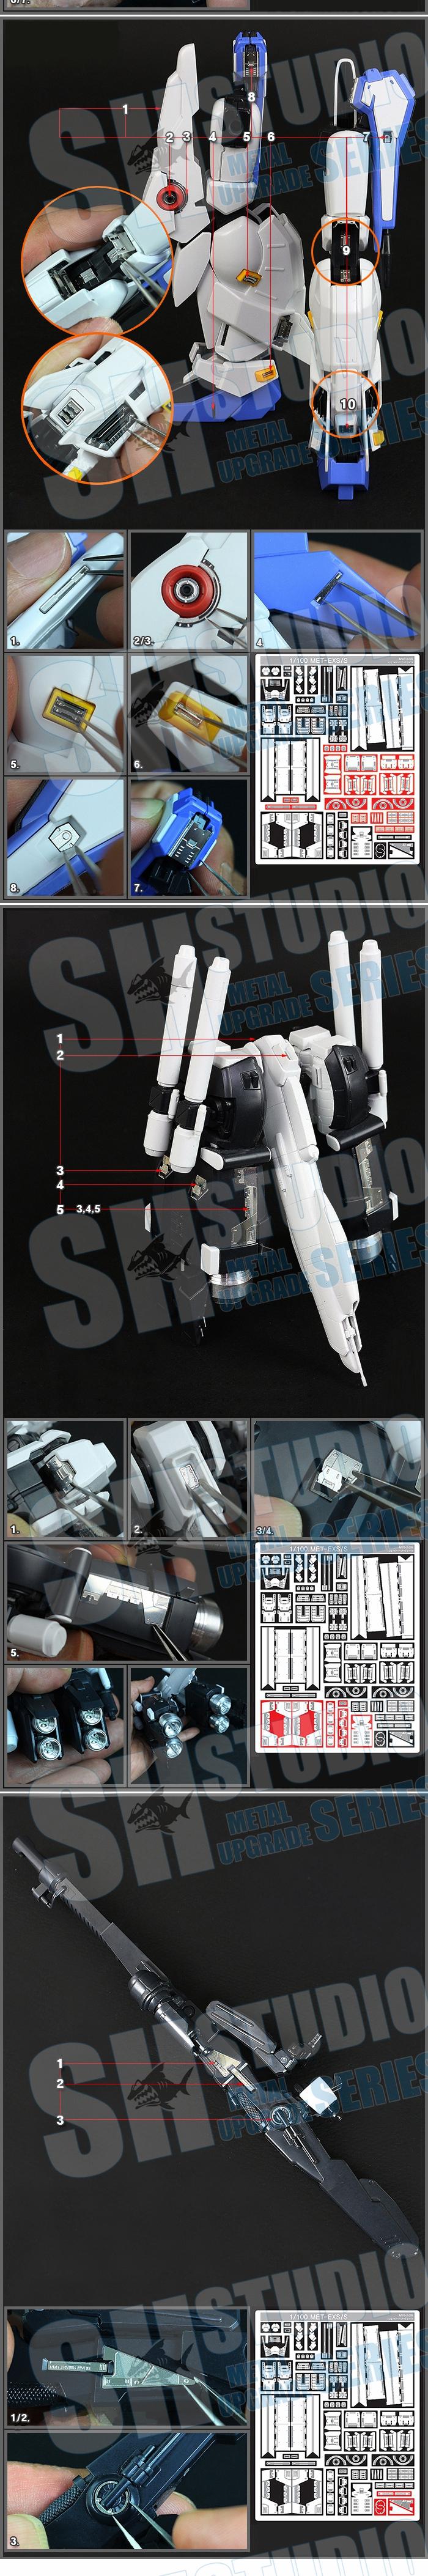 M111_ex_s_metal_004.jpg